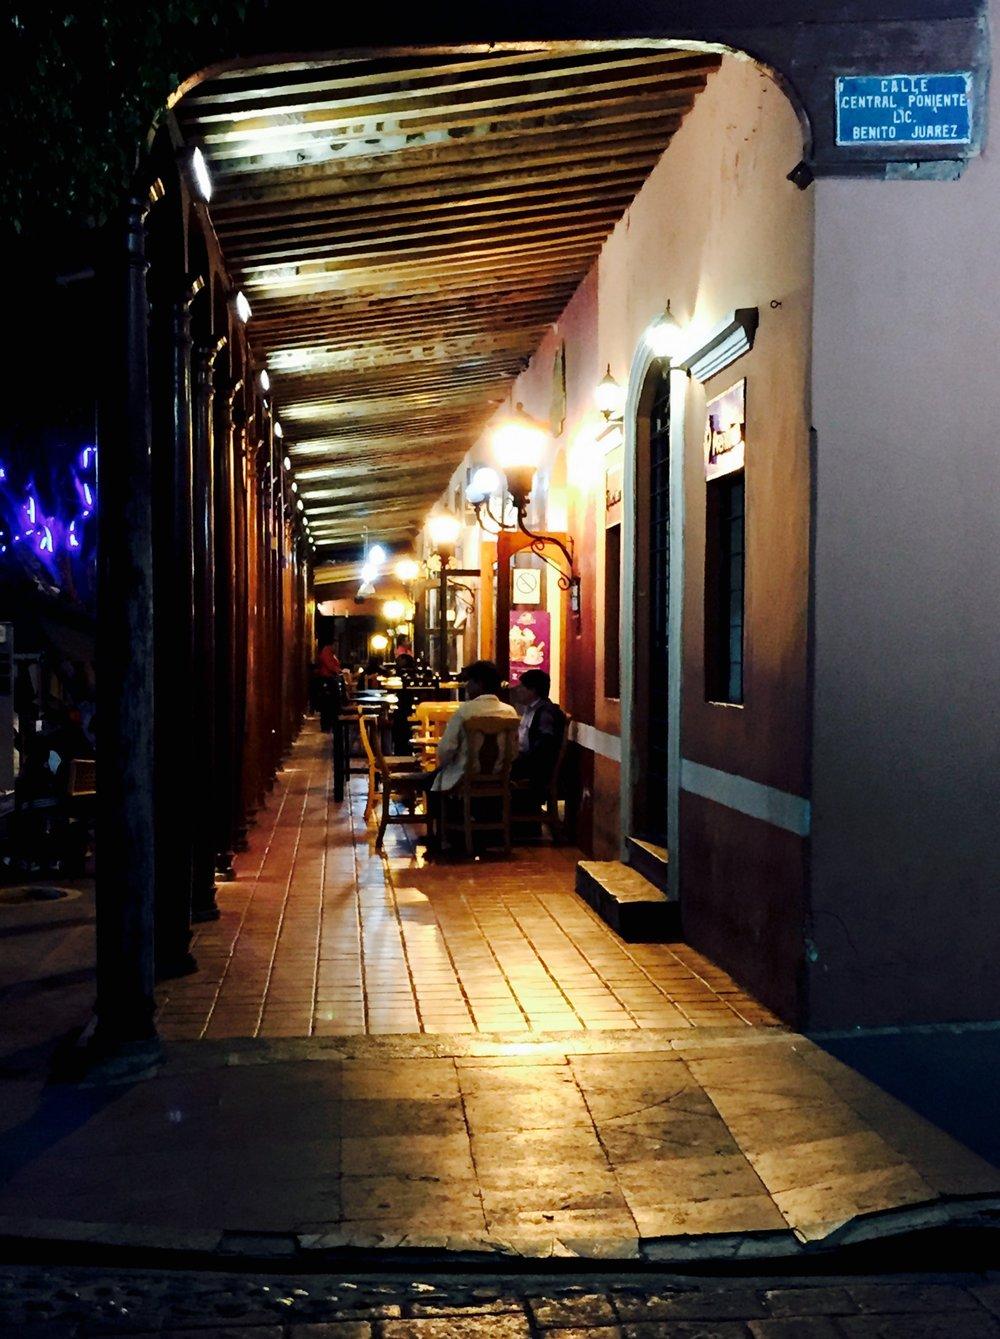 COMITAN DE DOMINGUEZ, CHIAPAS